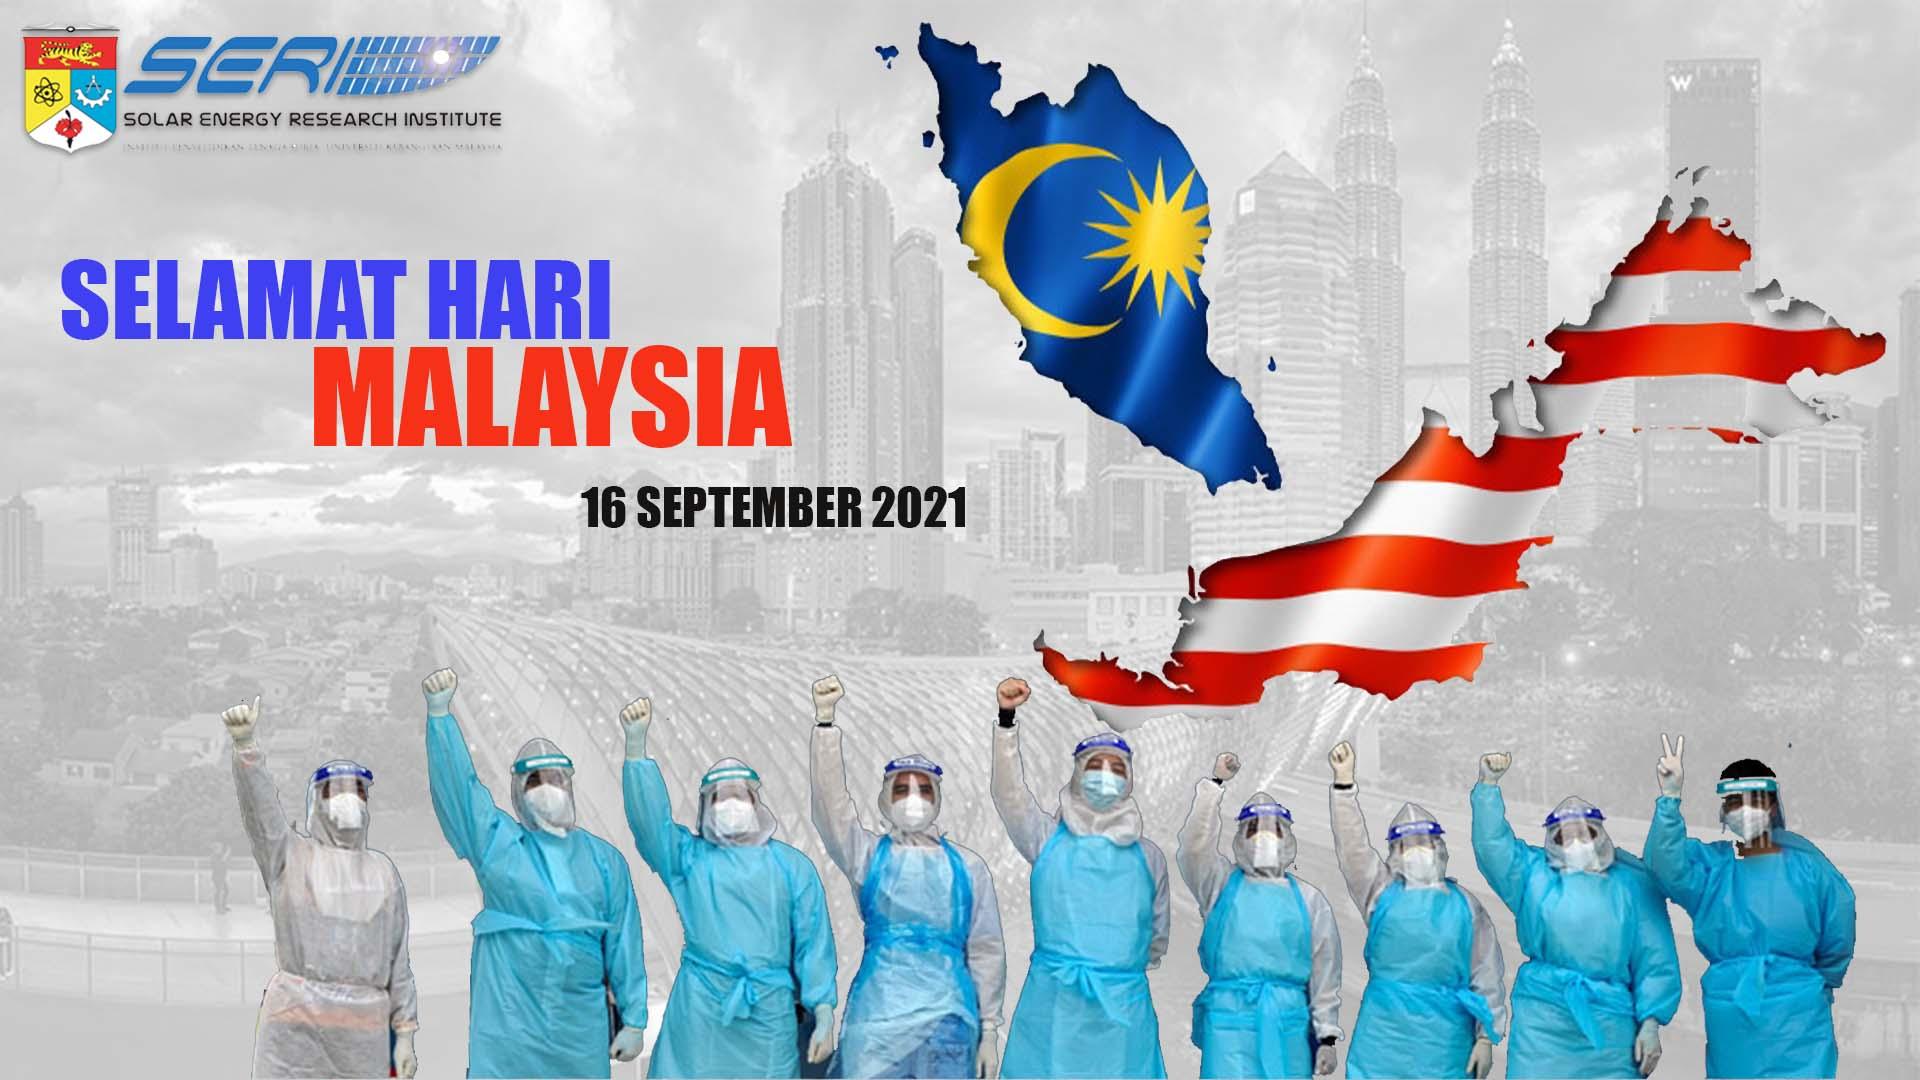 HARI MALAYSIA 2021